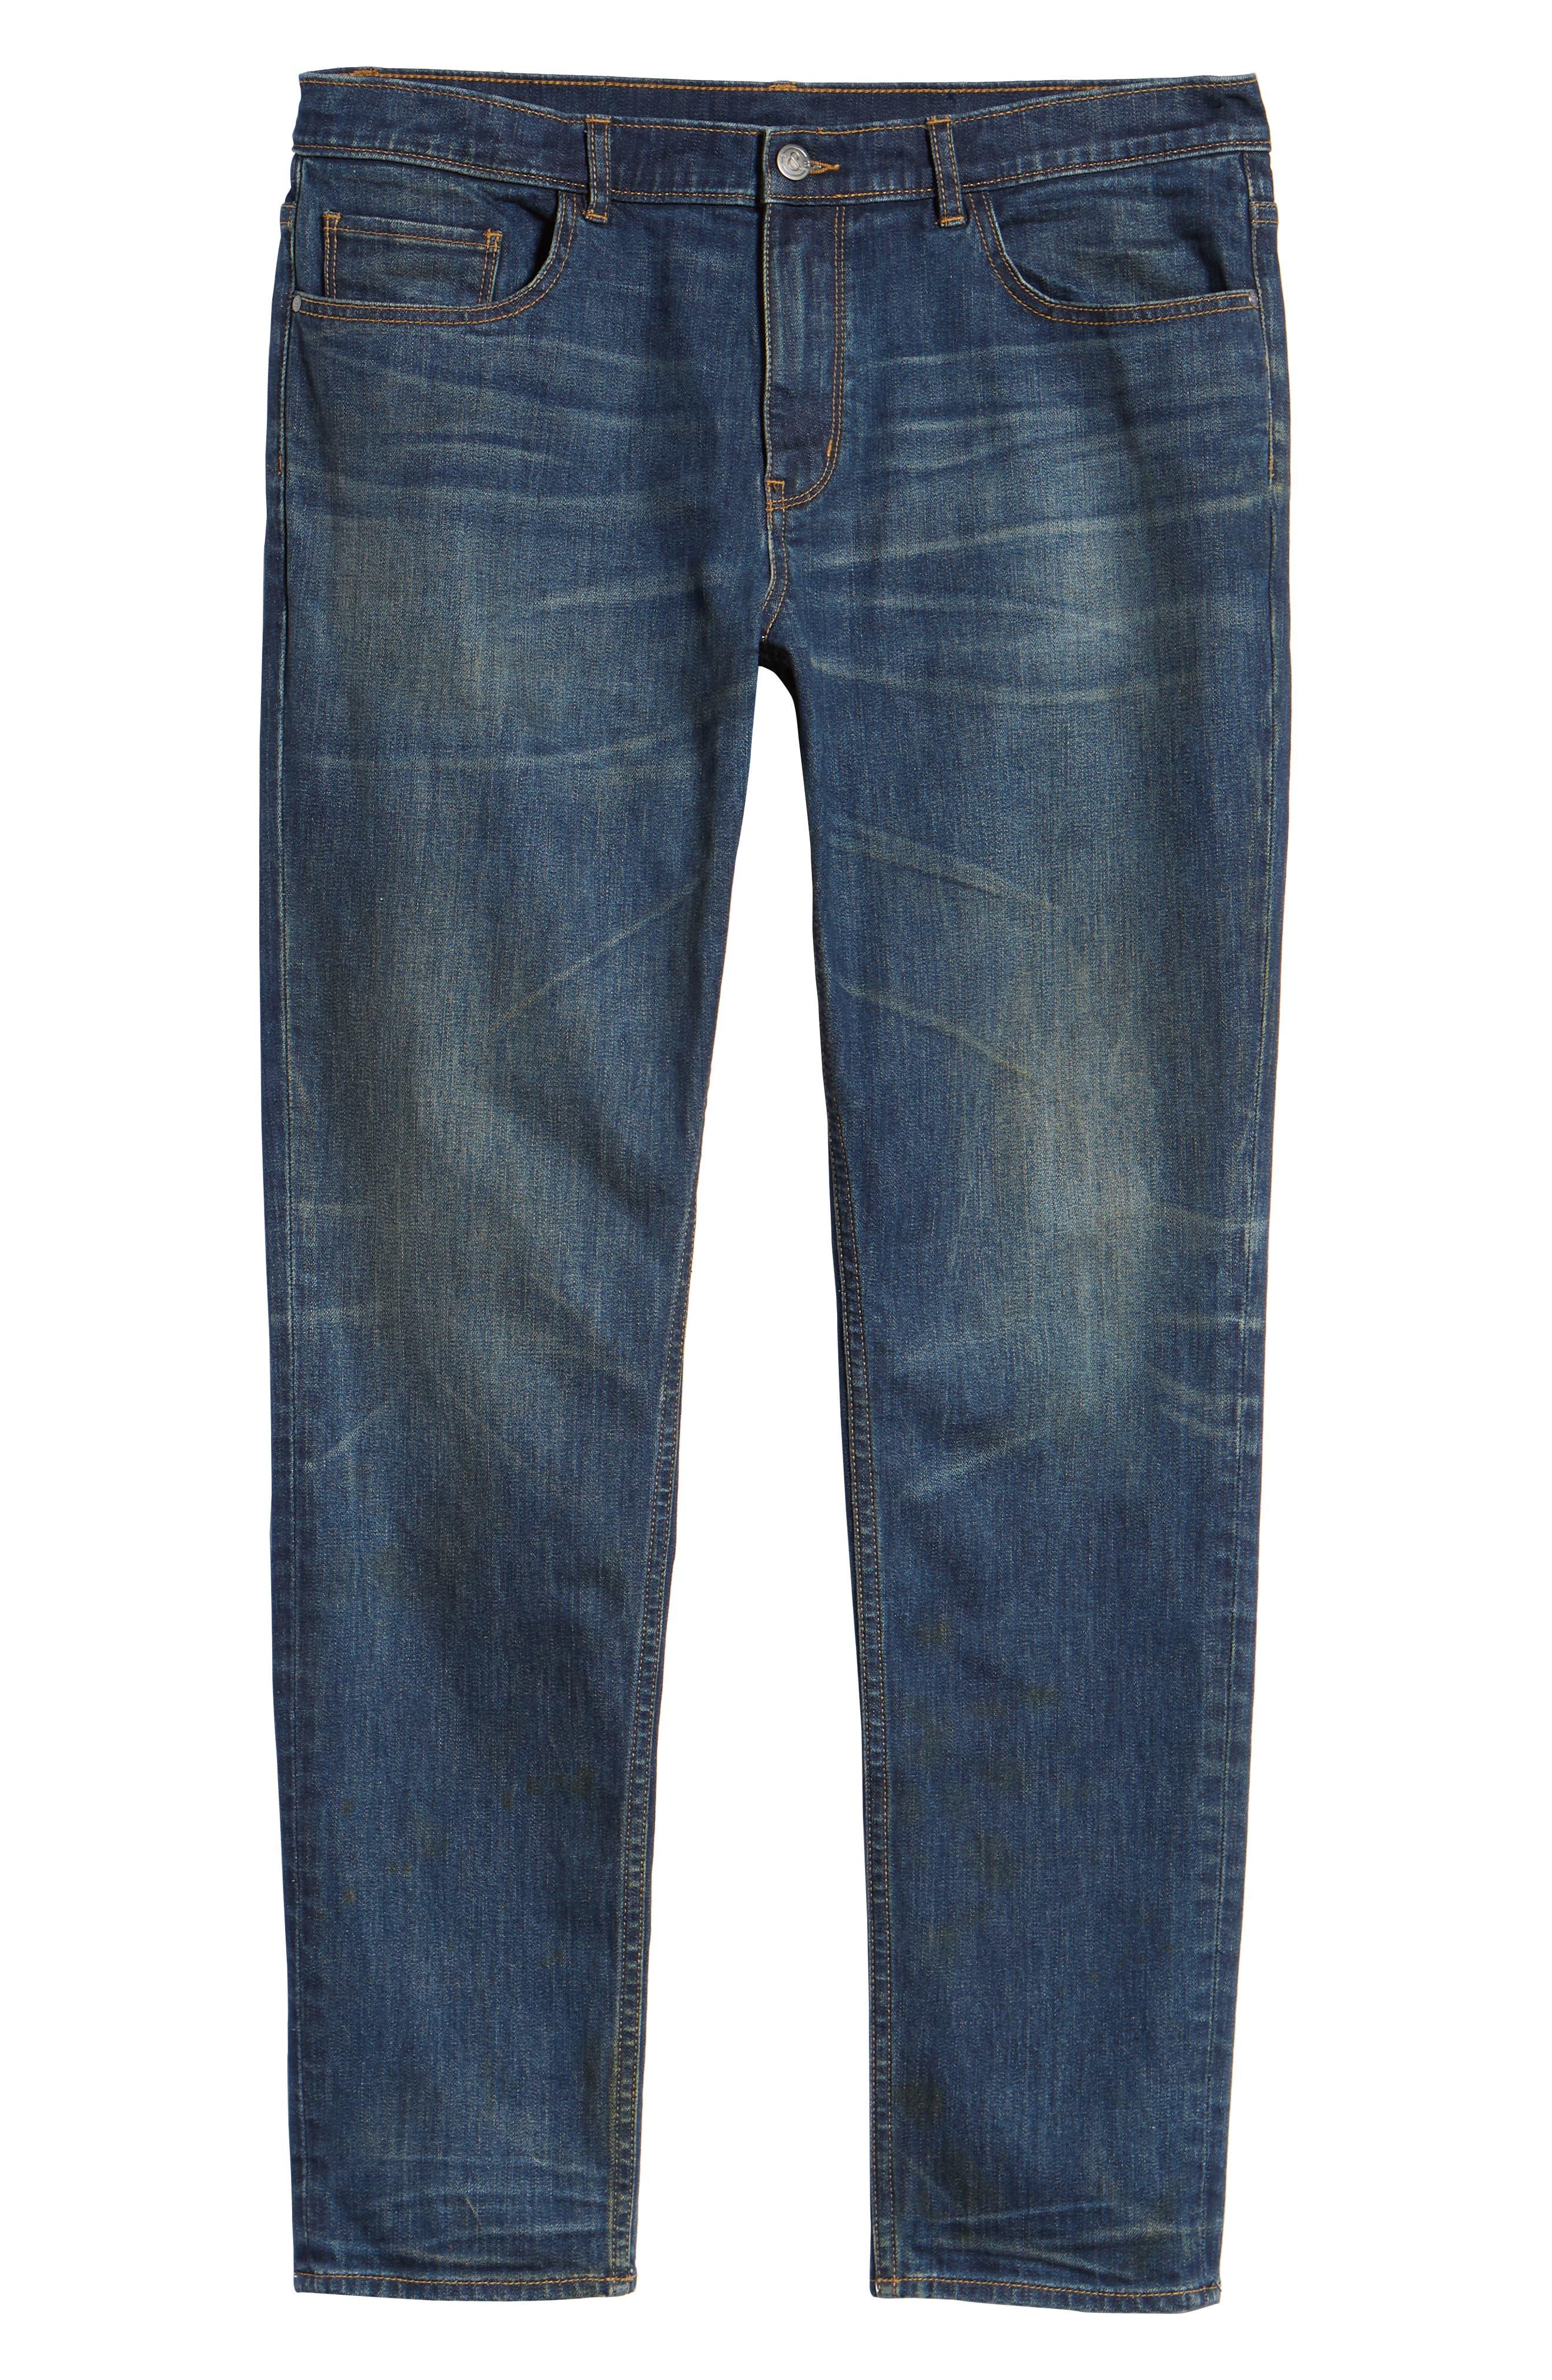 TREASURE & BOND,                             Slim Fit Jeans,                             Alternate thumbnail 6, color,                             BLUE MED VINTAGE WASH